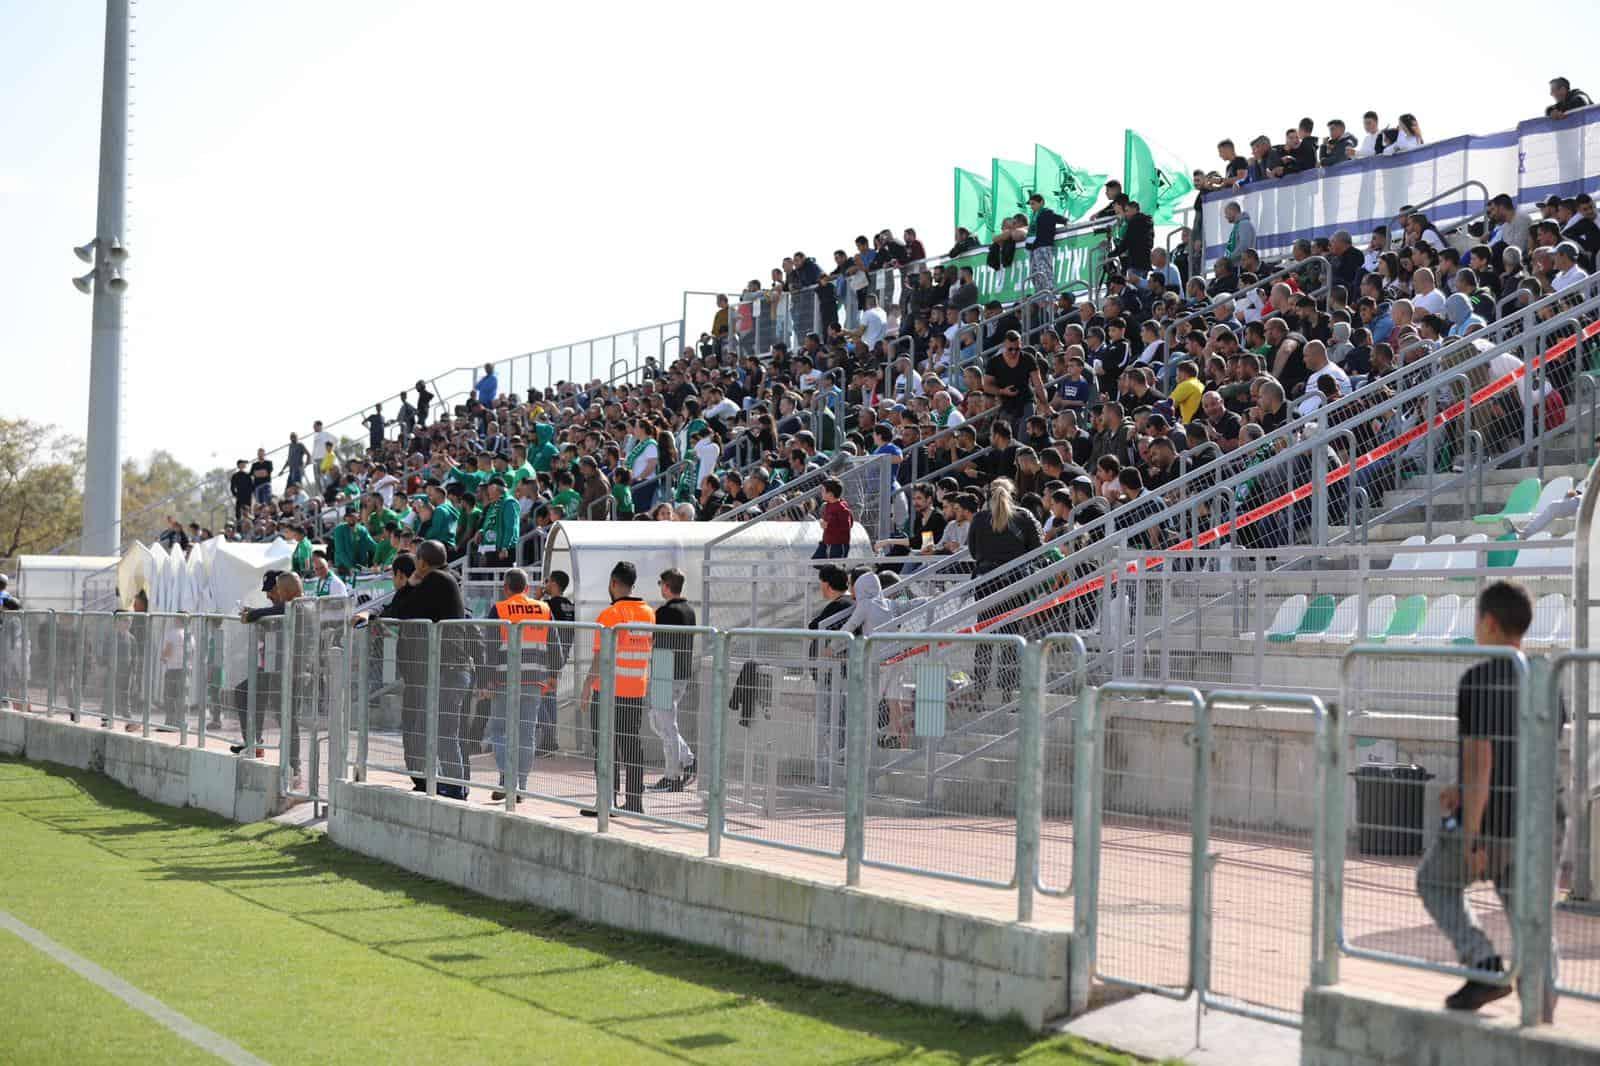 קהל שיא היום במשחק נגד נתיבות. כאלף צופים מילאו את היציע. צילום:גולן סבג